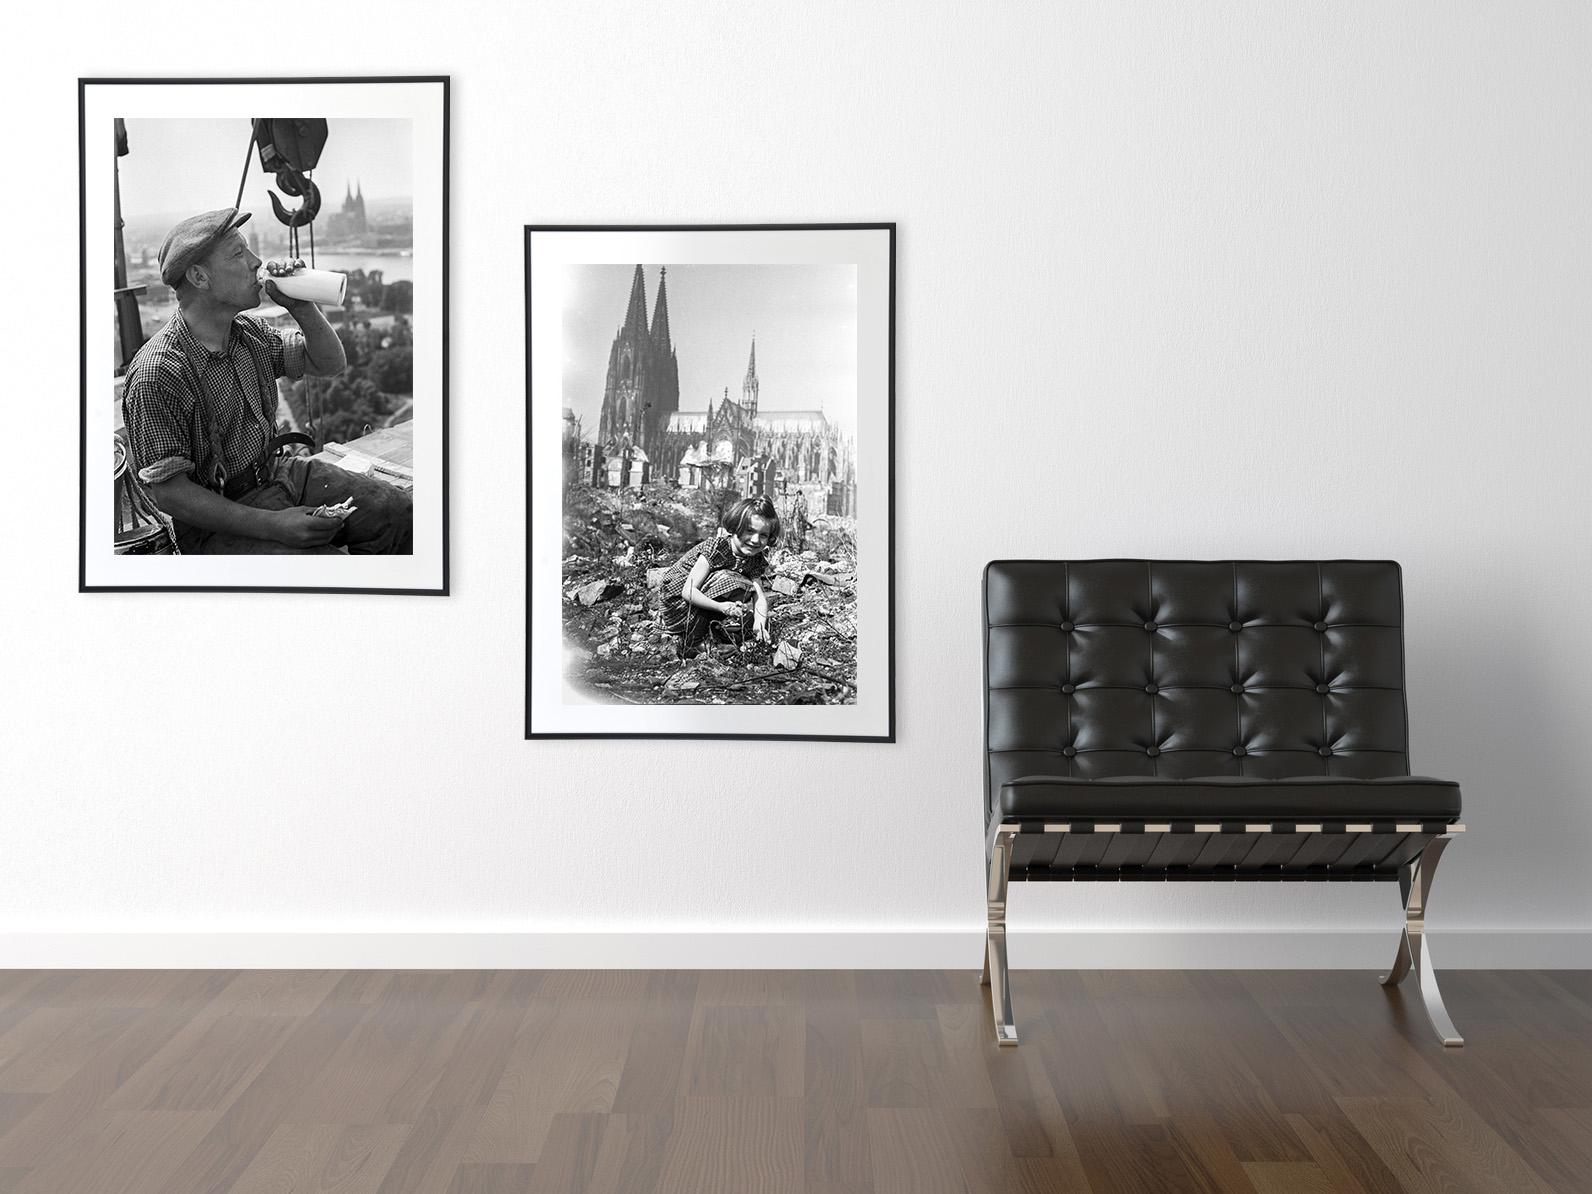 Wand-mit-2-Fotos-von-Walter-Dick